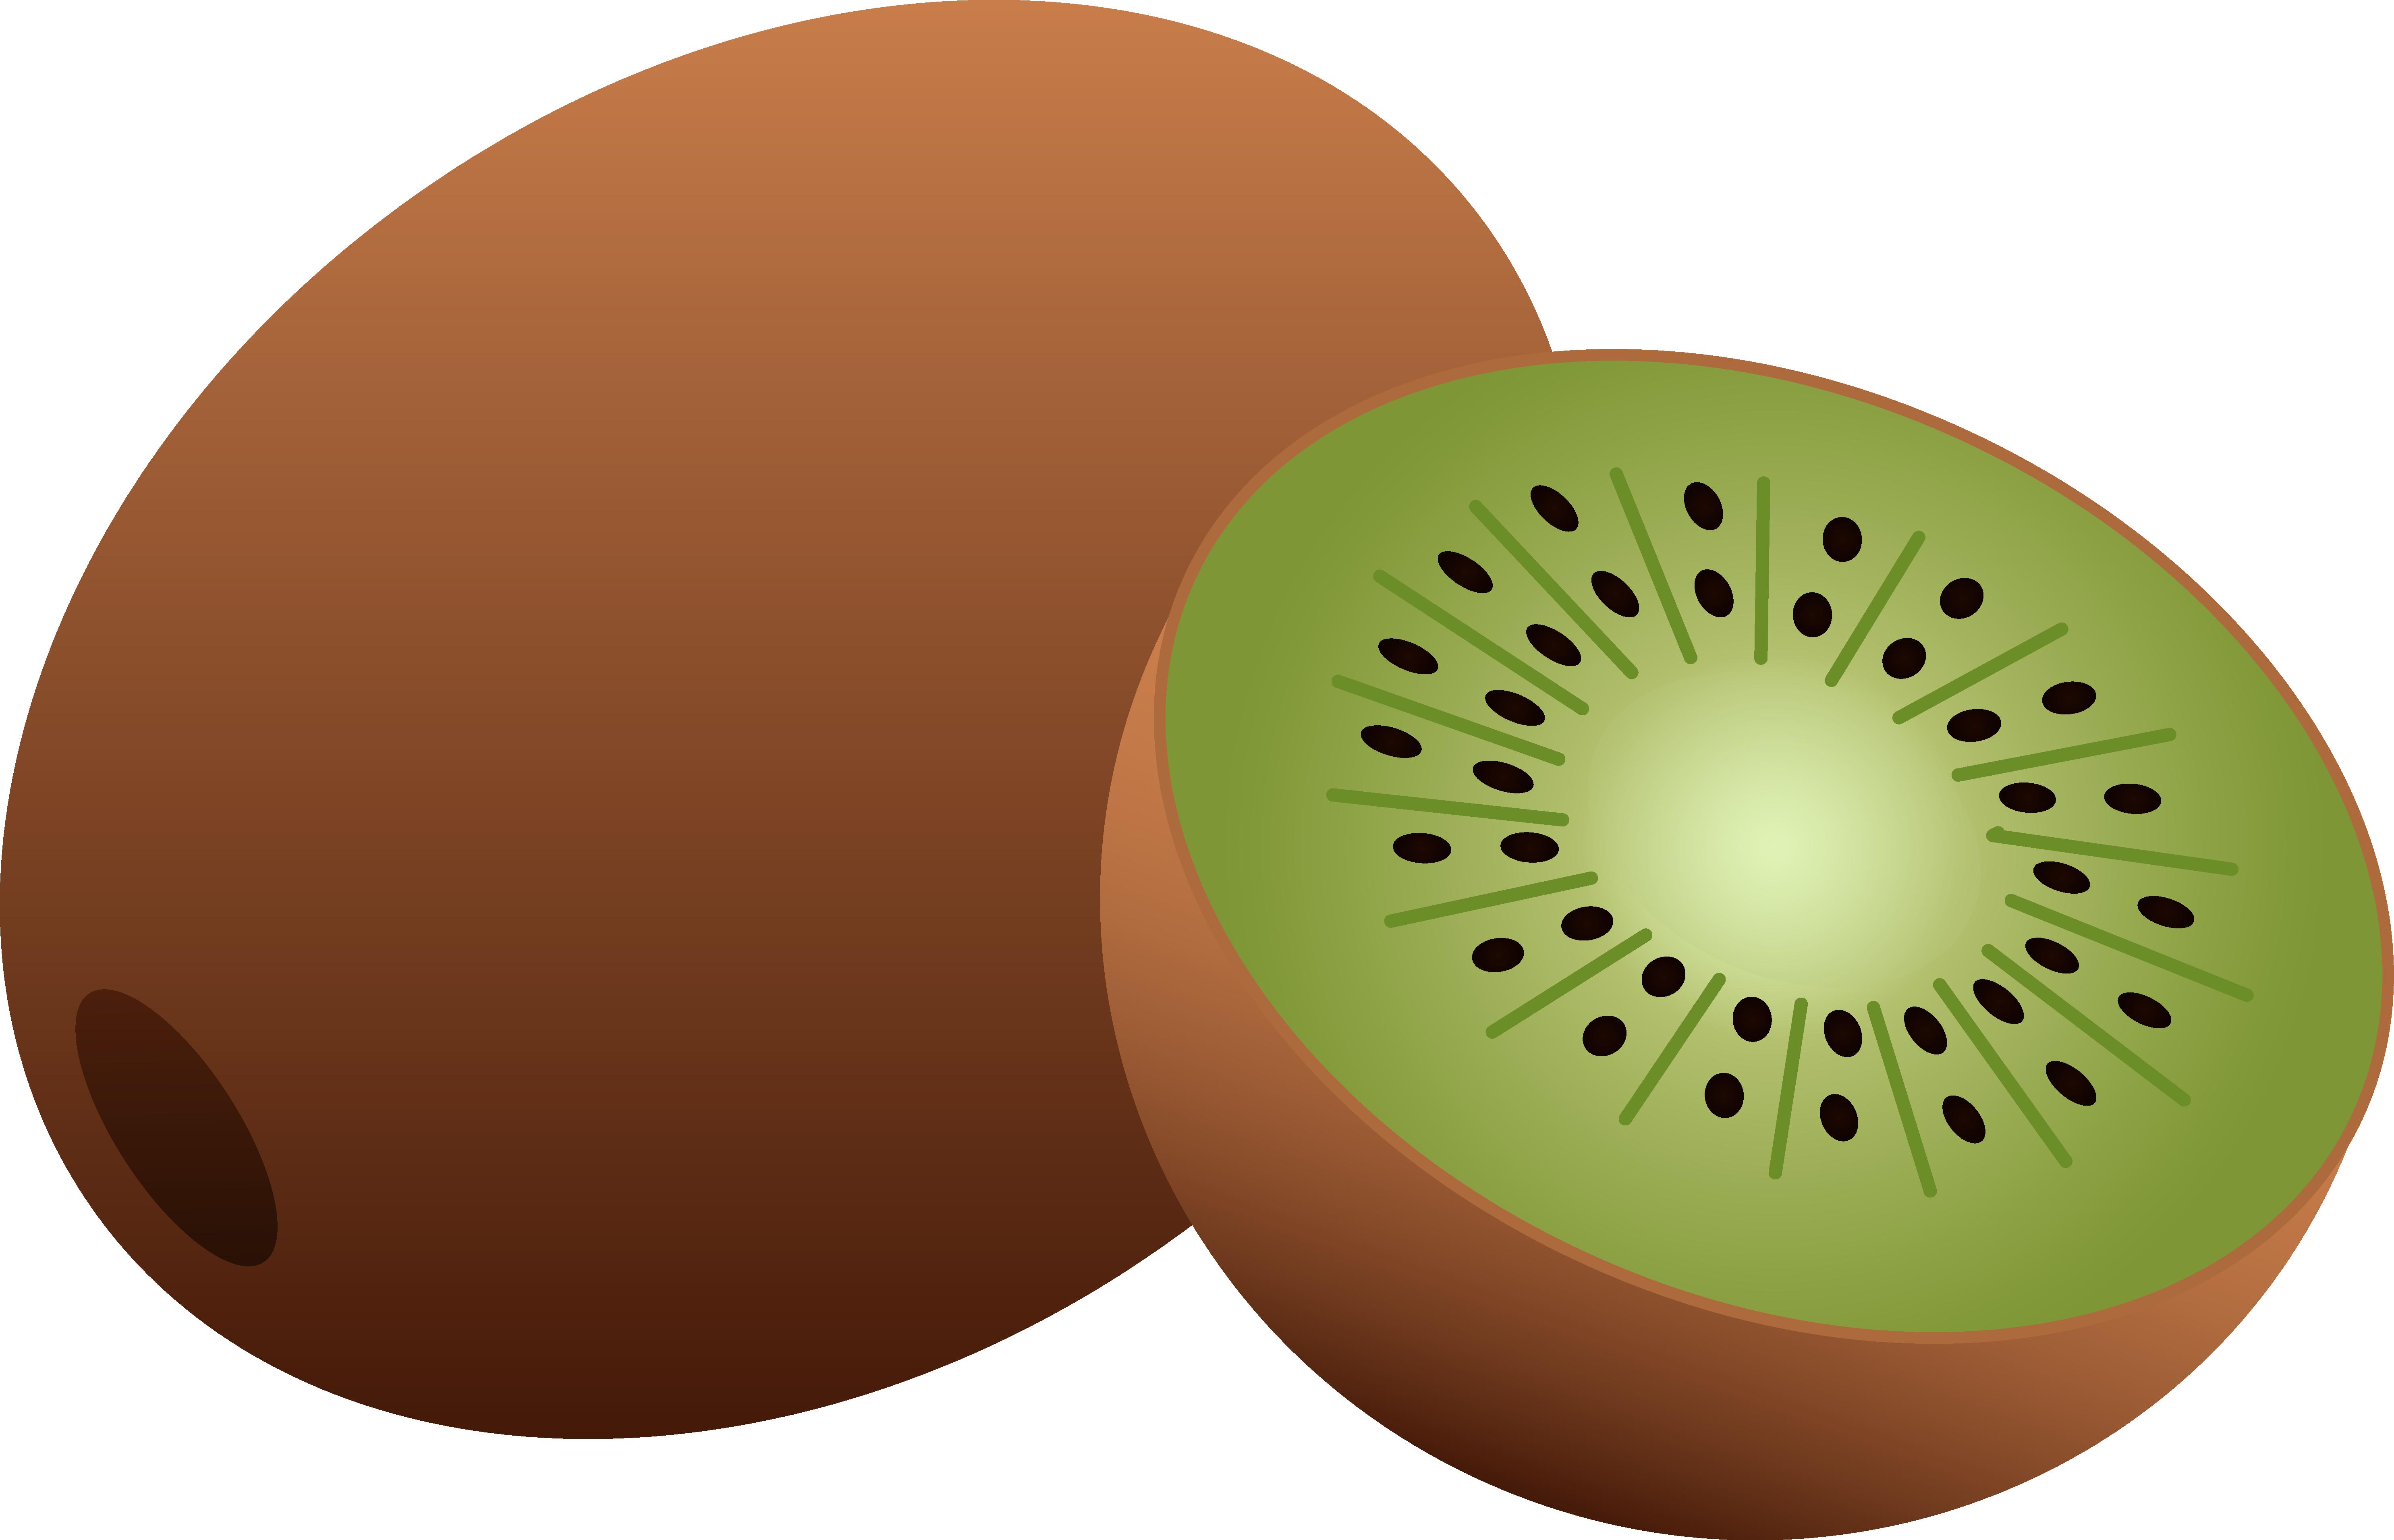 5942x3822 Whole And Half Kiwi Fruit